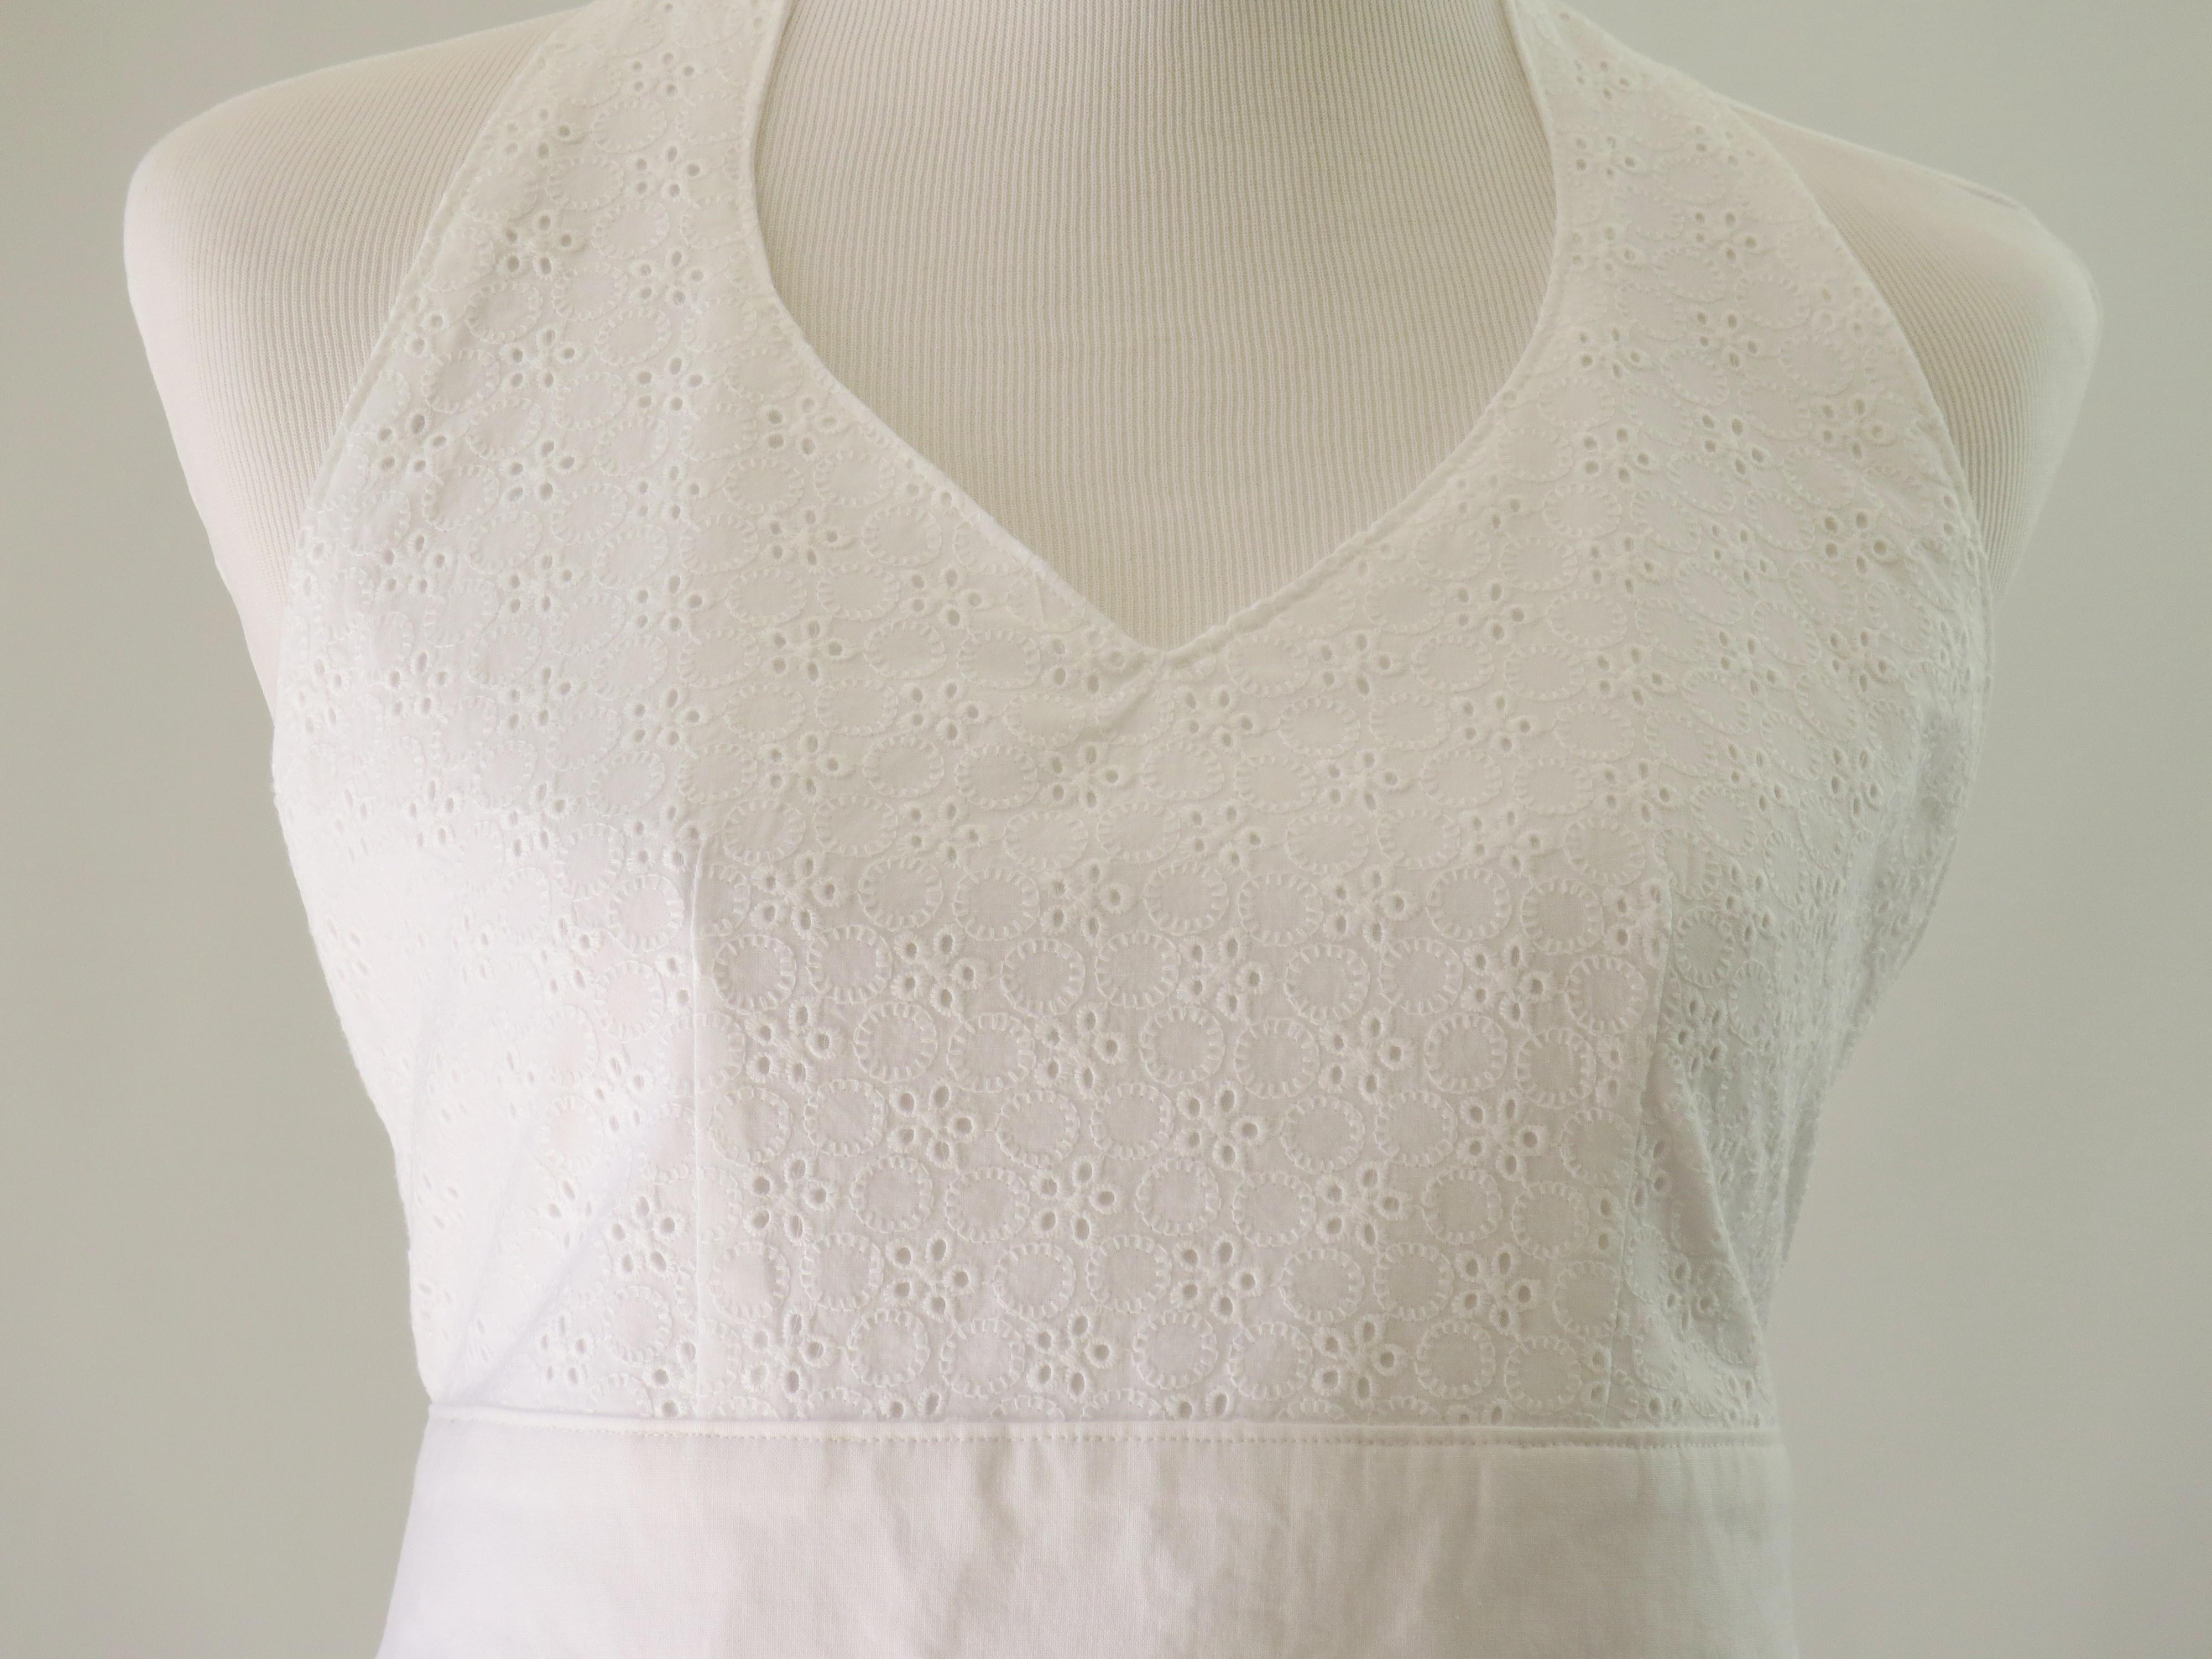 White eyelet apron -  Women S White Eyelet Retro Apron Fabric